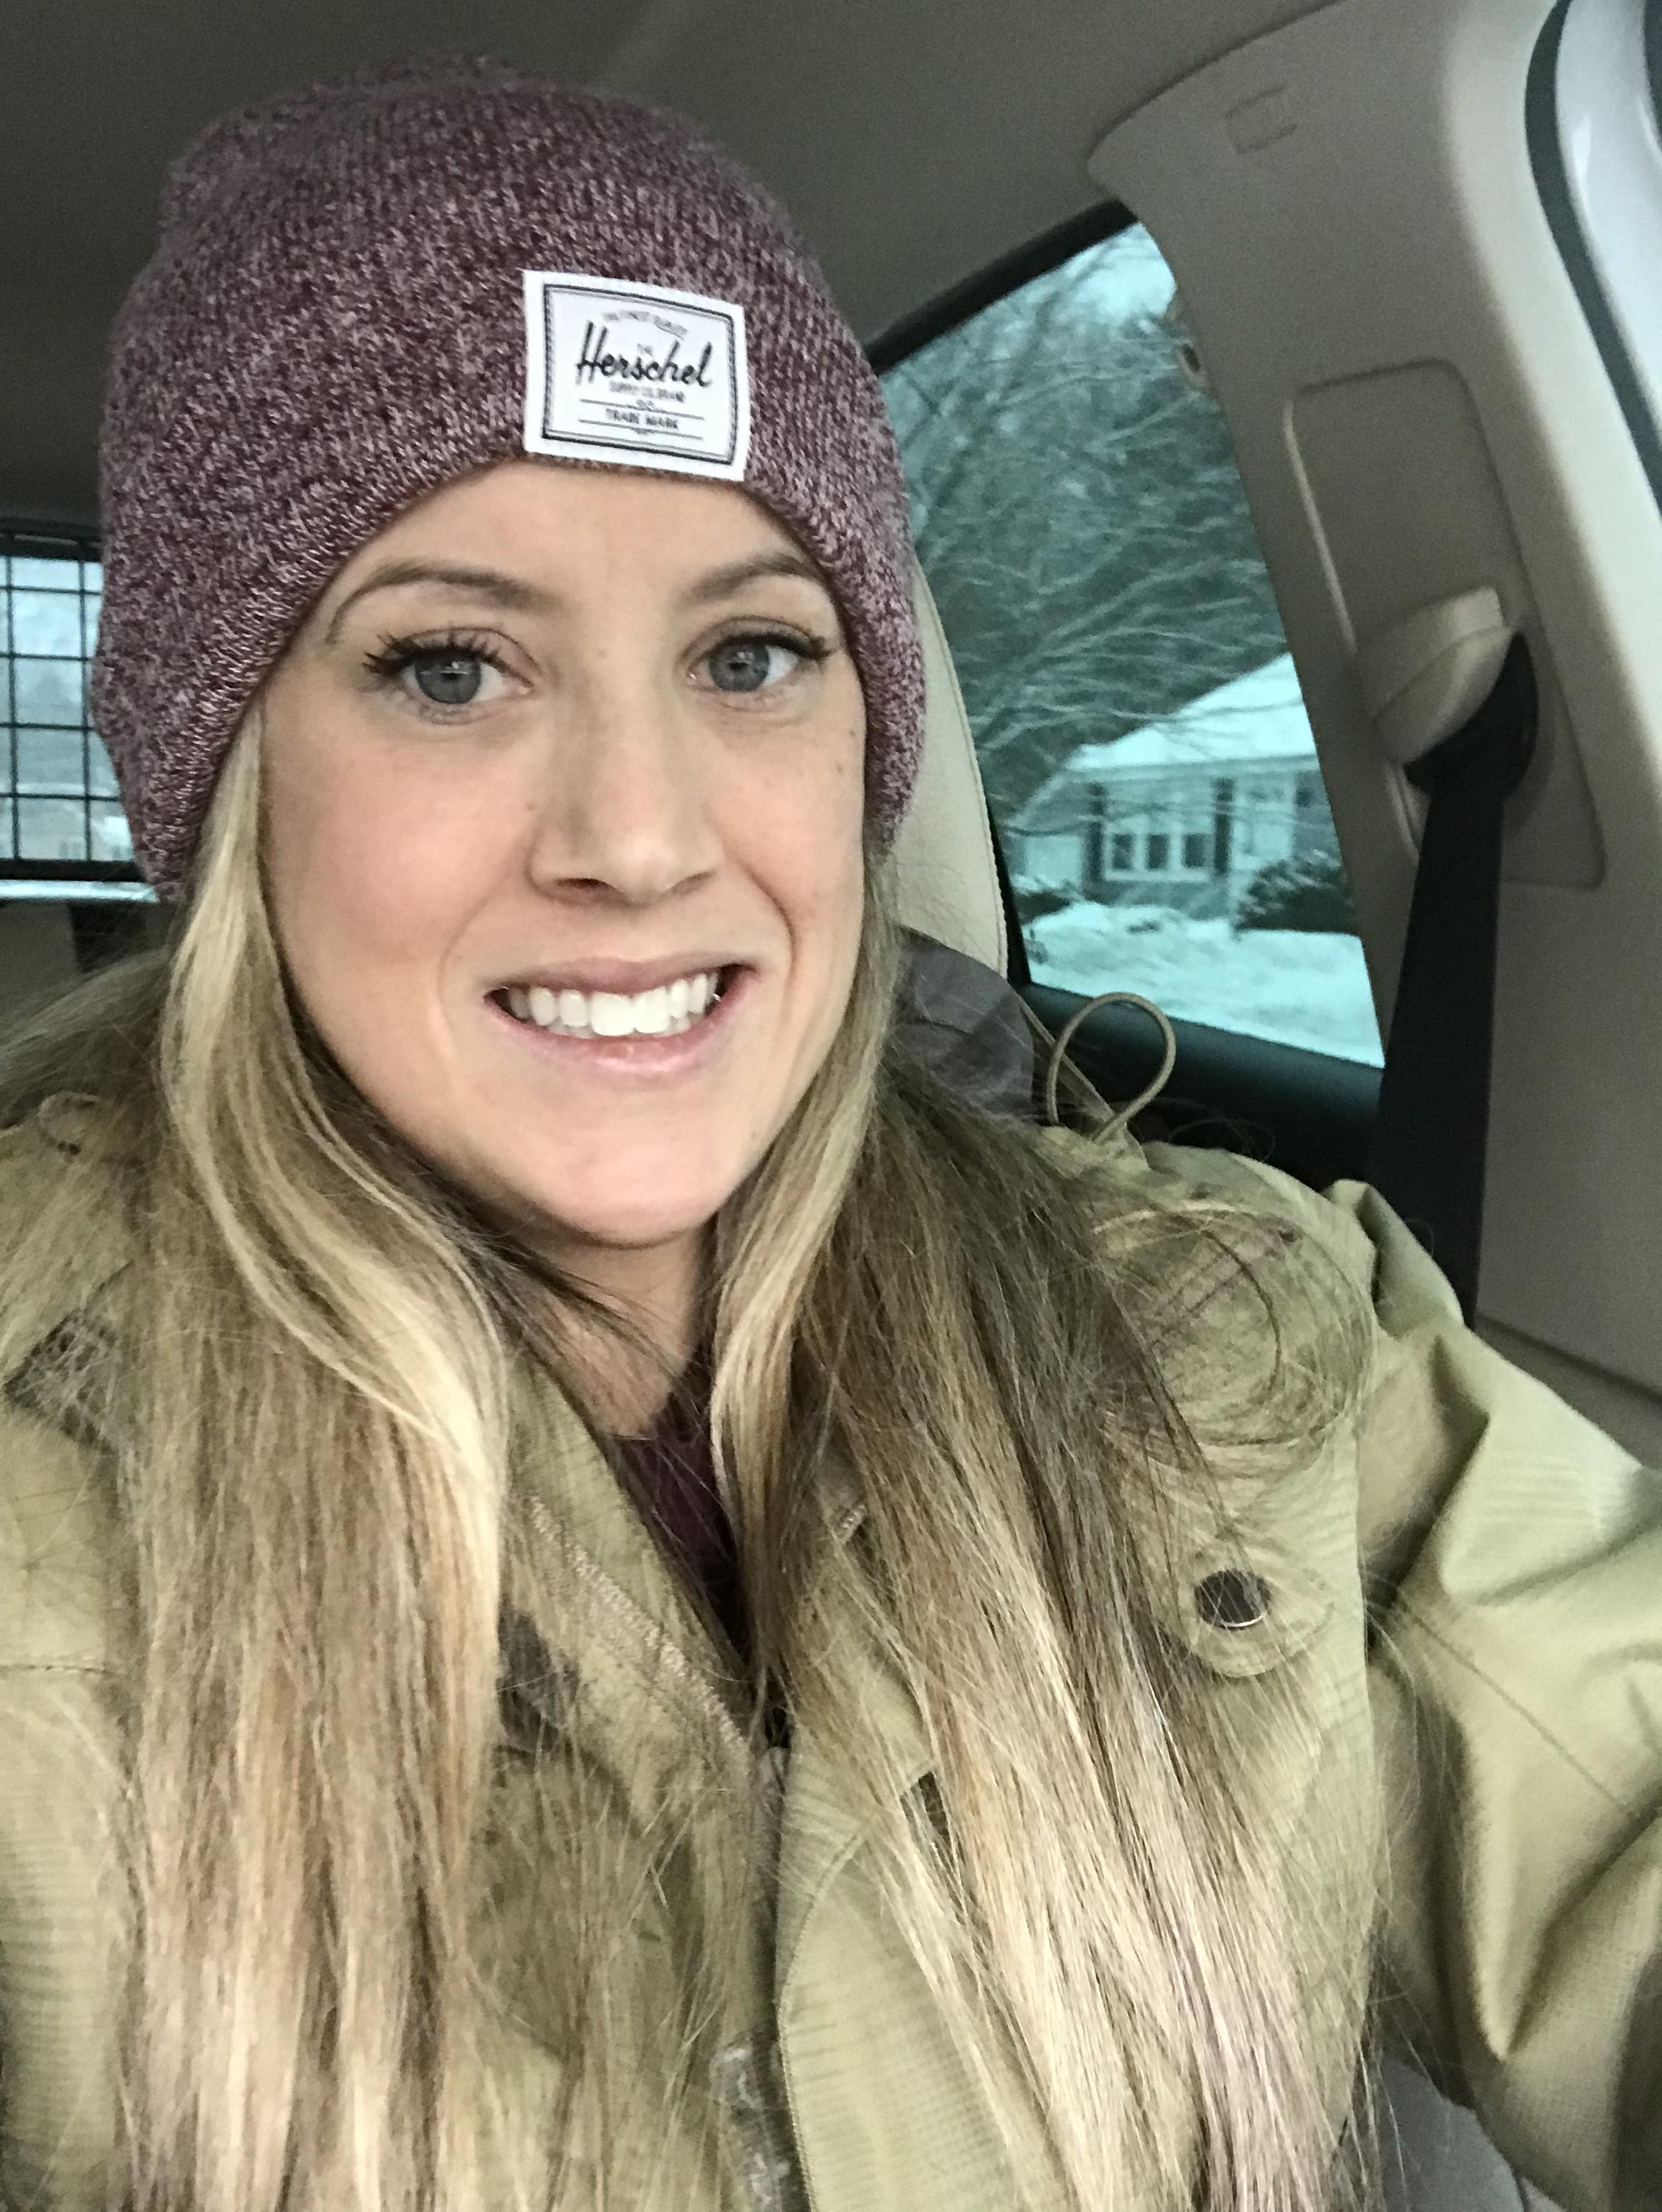 Kristen Larochelle Rousseau